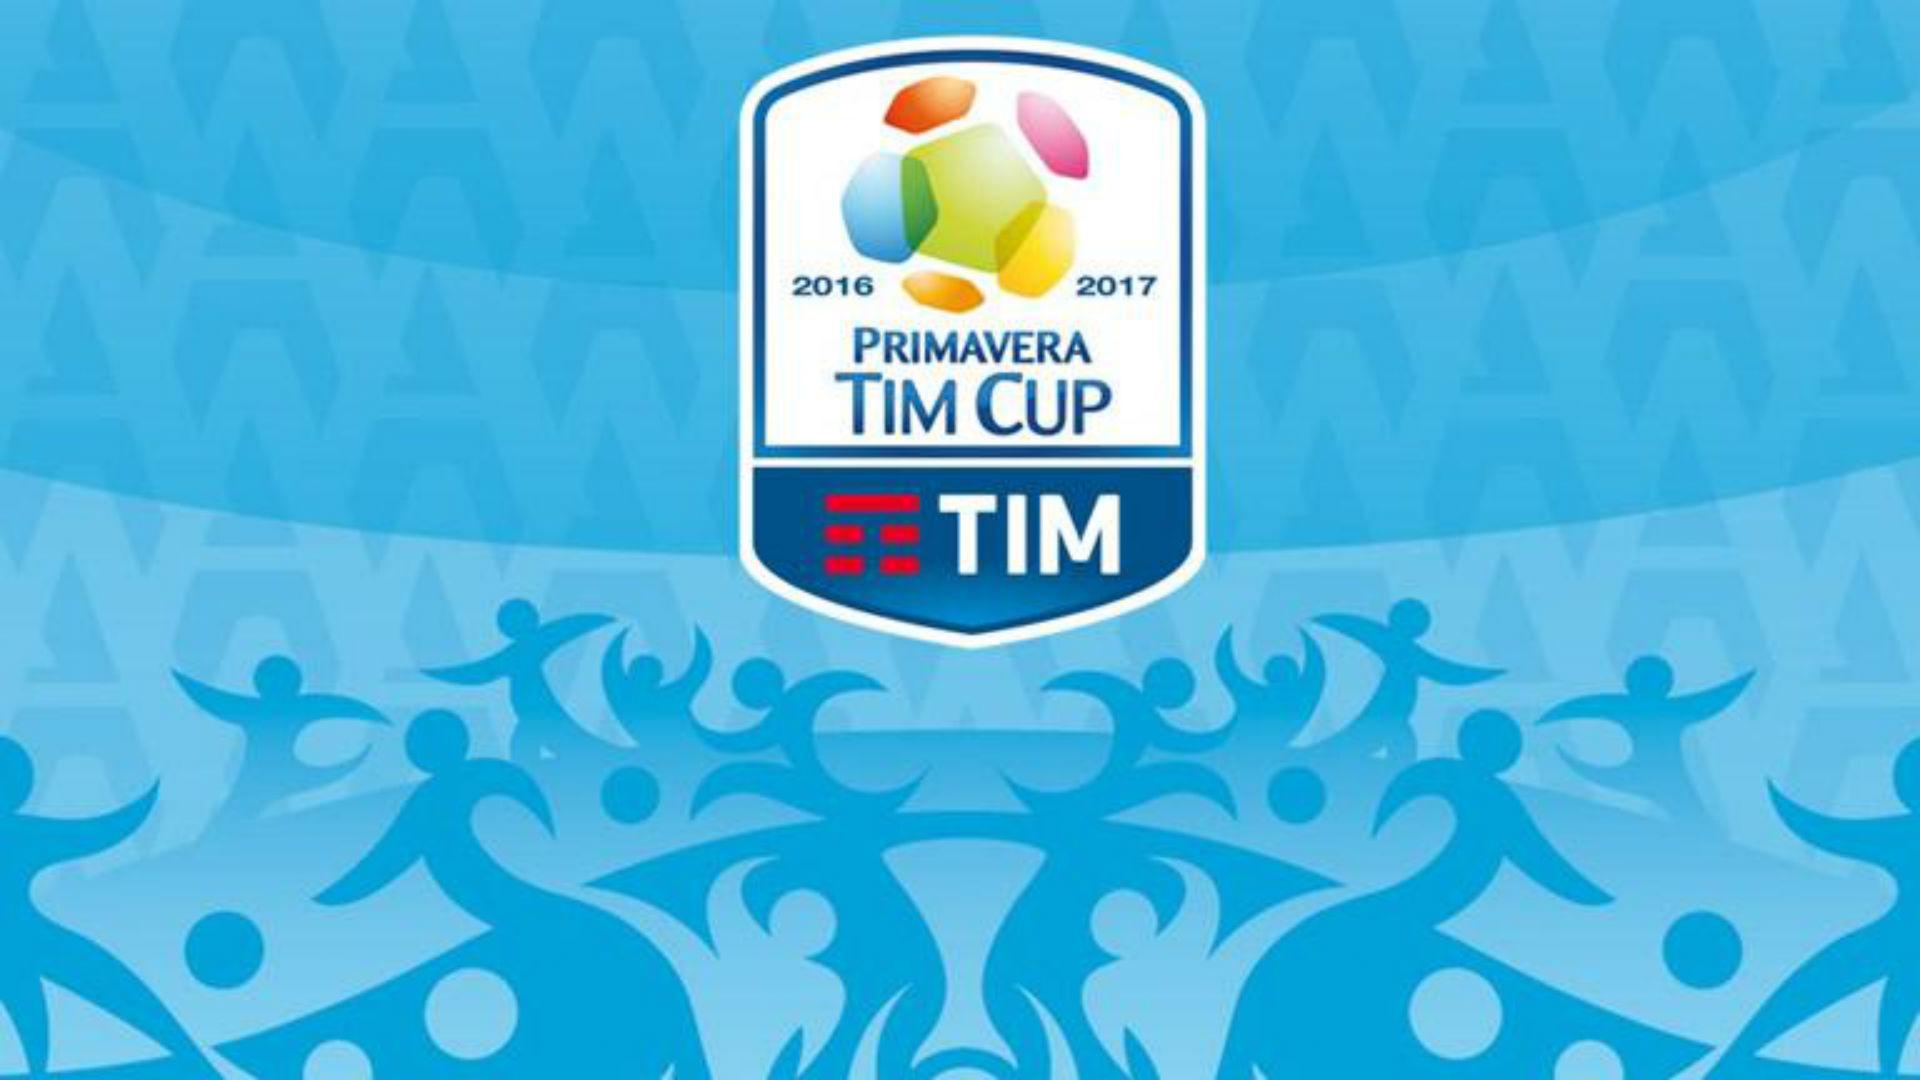 Serie A Tim Calendario E Risultati.Coppa Italia Primavera Tabellone Calendario E Risultati